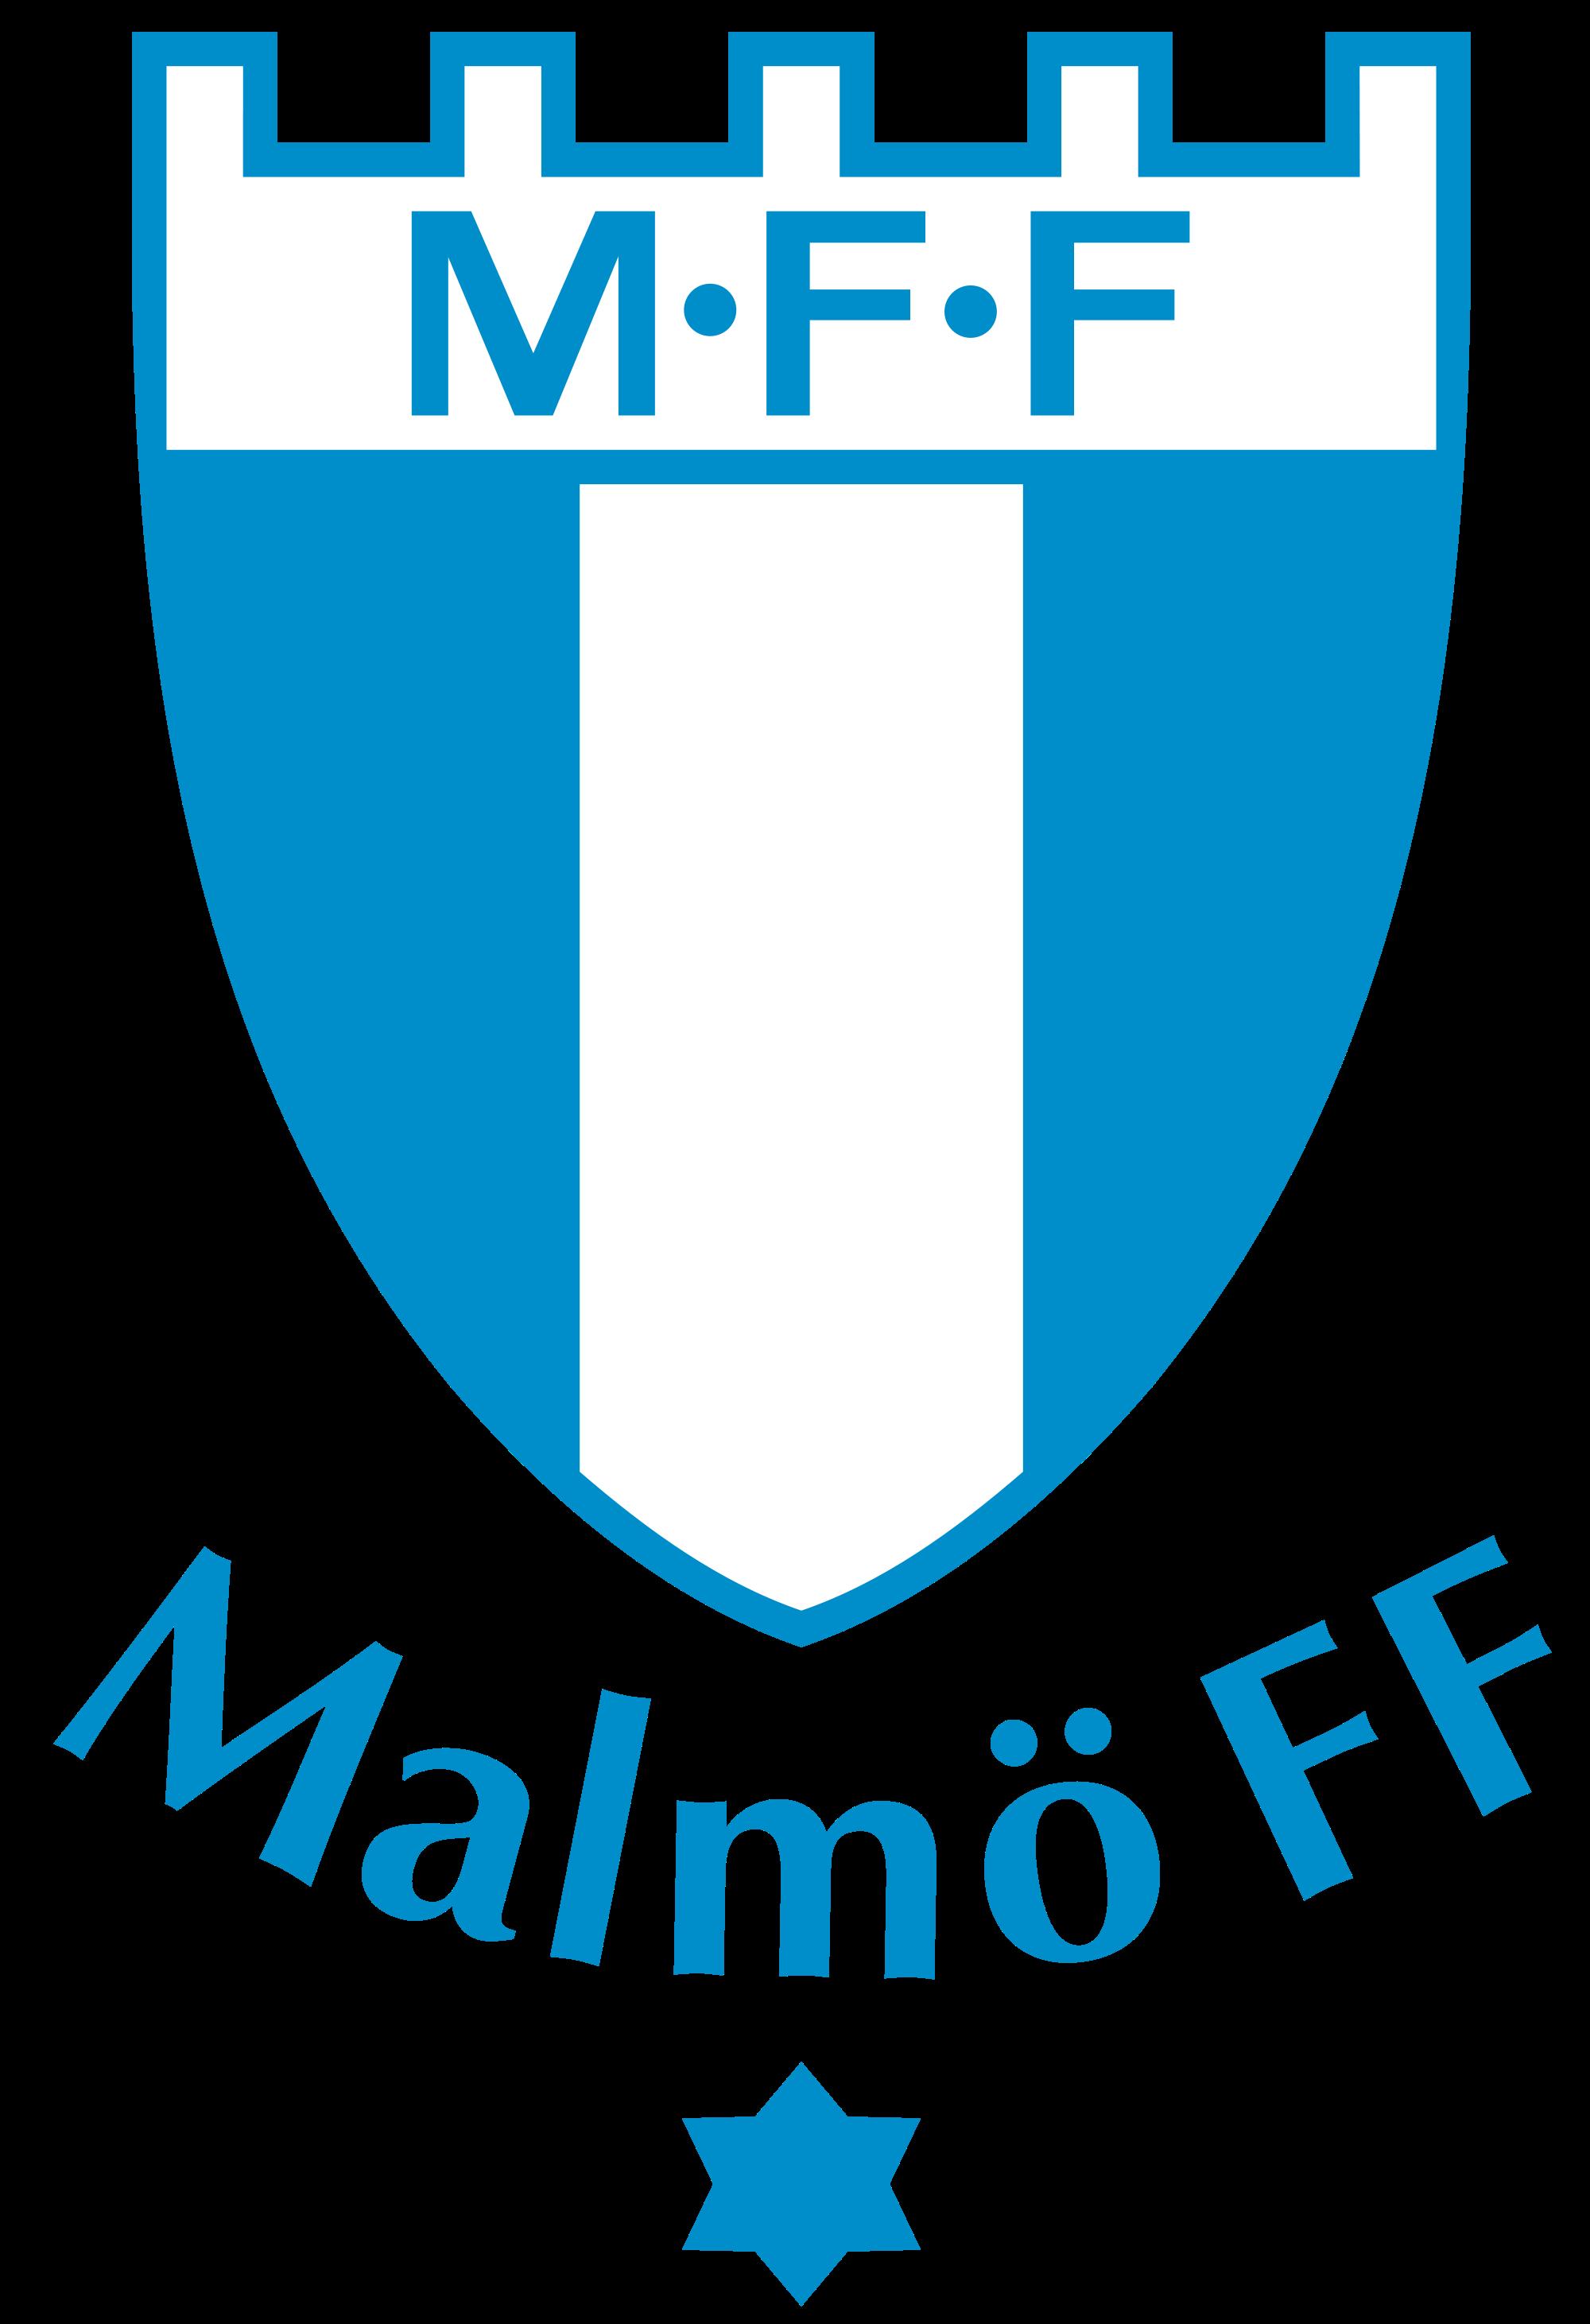 Pin de CE Schenk em Futbol Logos Escudos de futebol